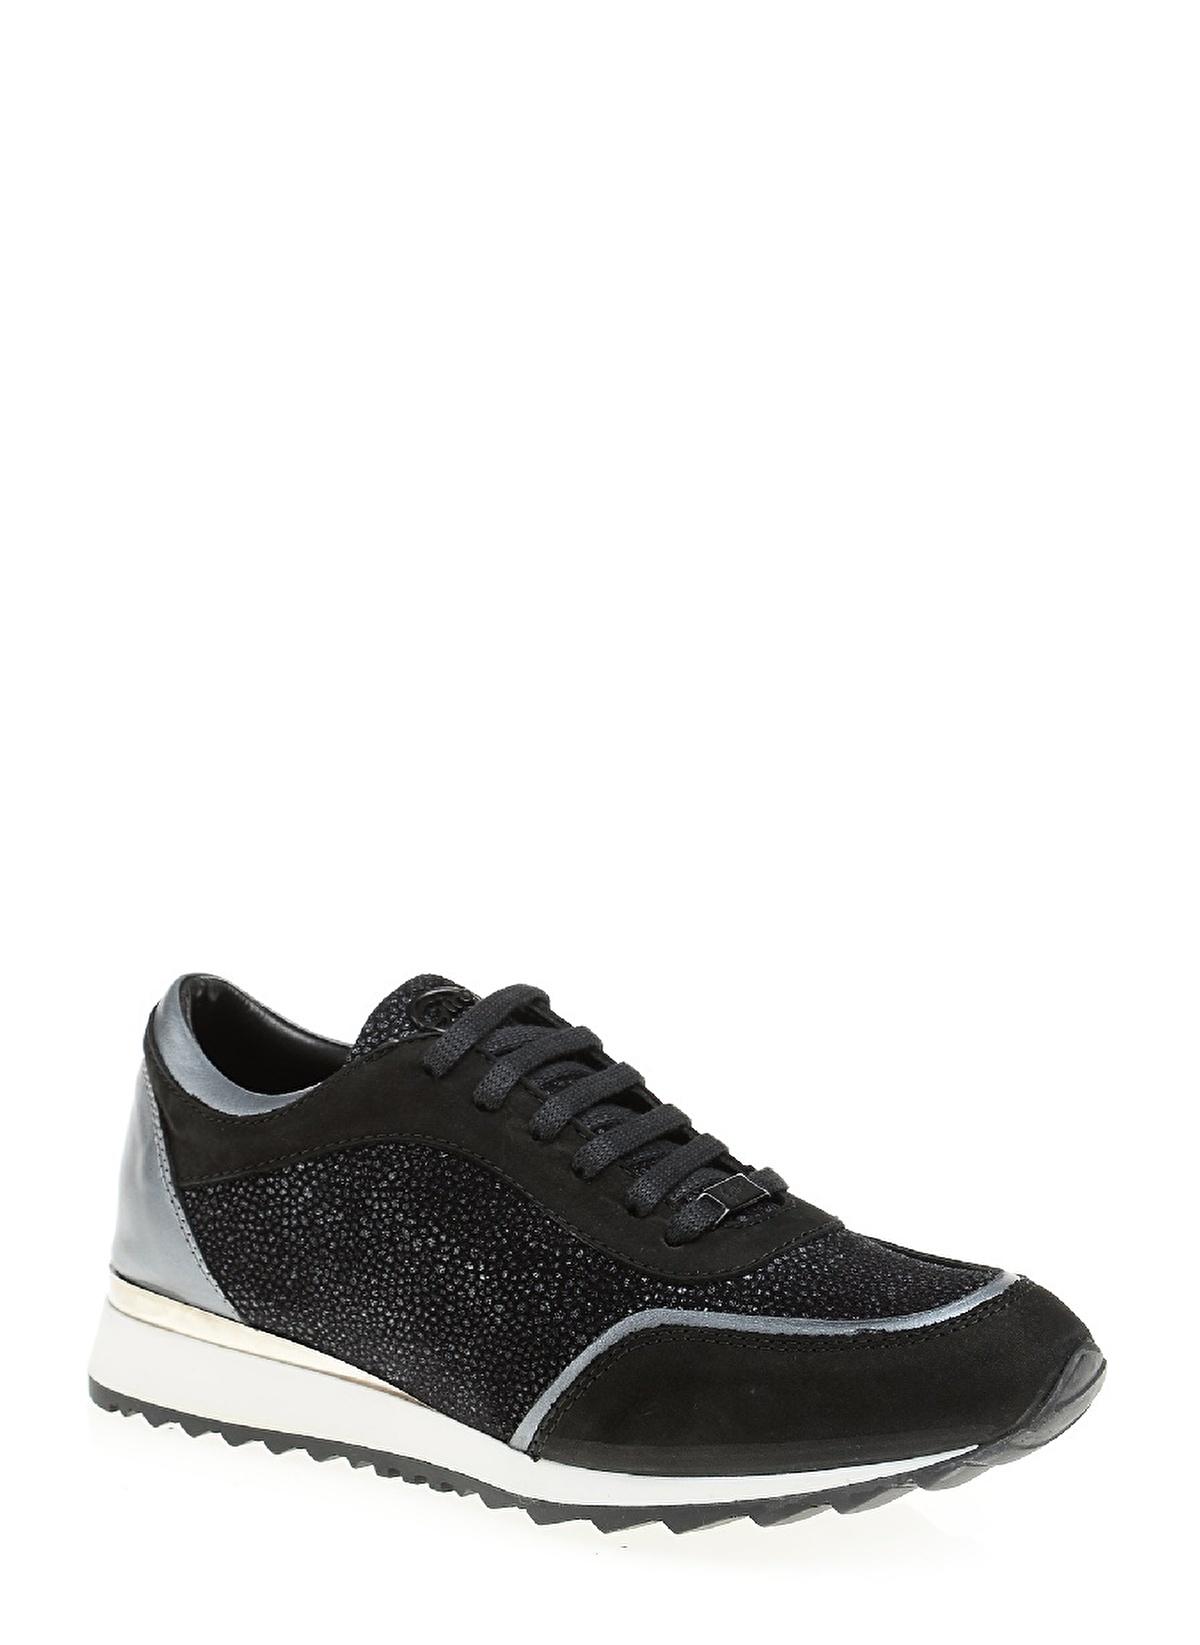 Divarese Lifestyle Ayakkabı 5019100 K Sneaker – 149.0 TL